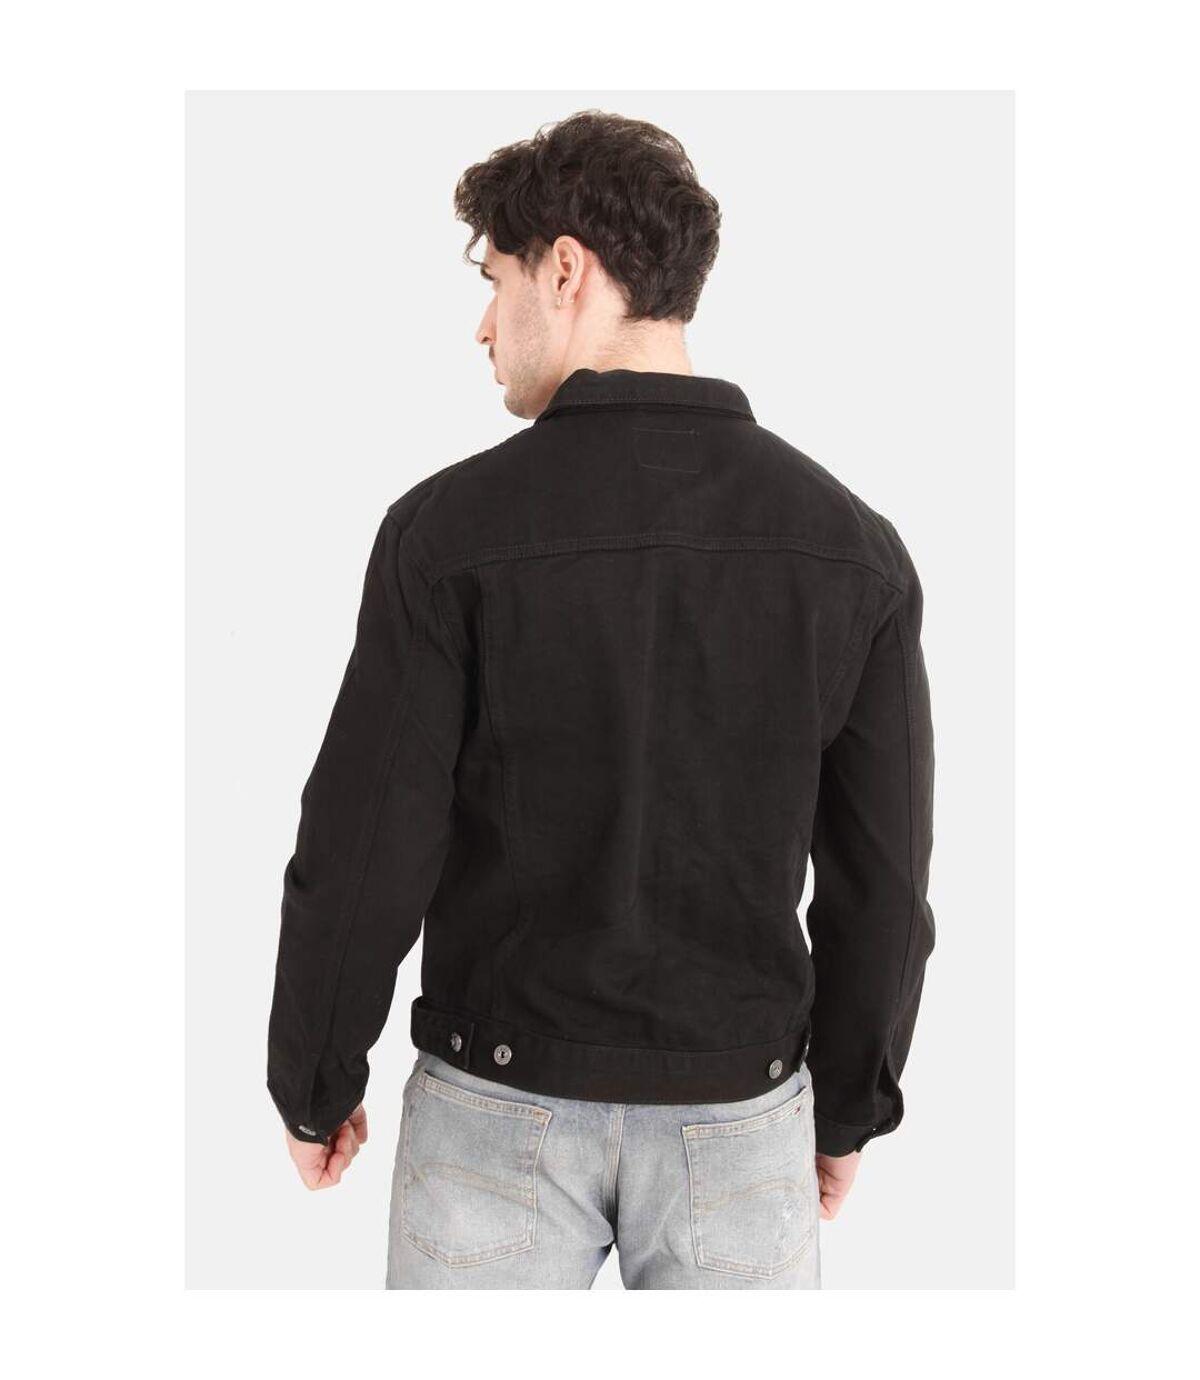 Duke Mens Kingsize Western Trucker Style Denim Jacket (Black) - UTDC127